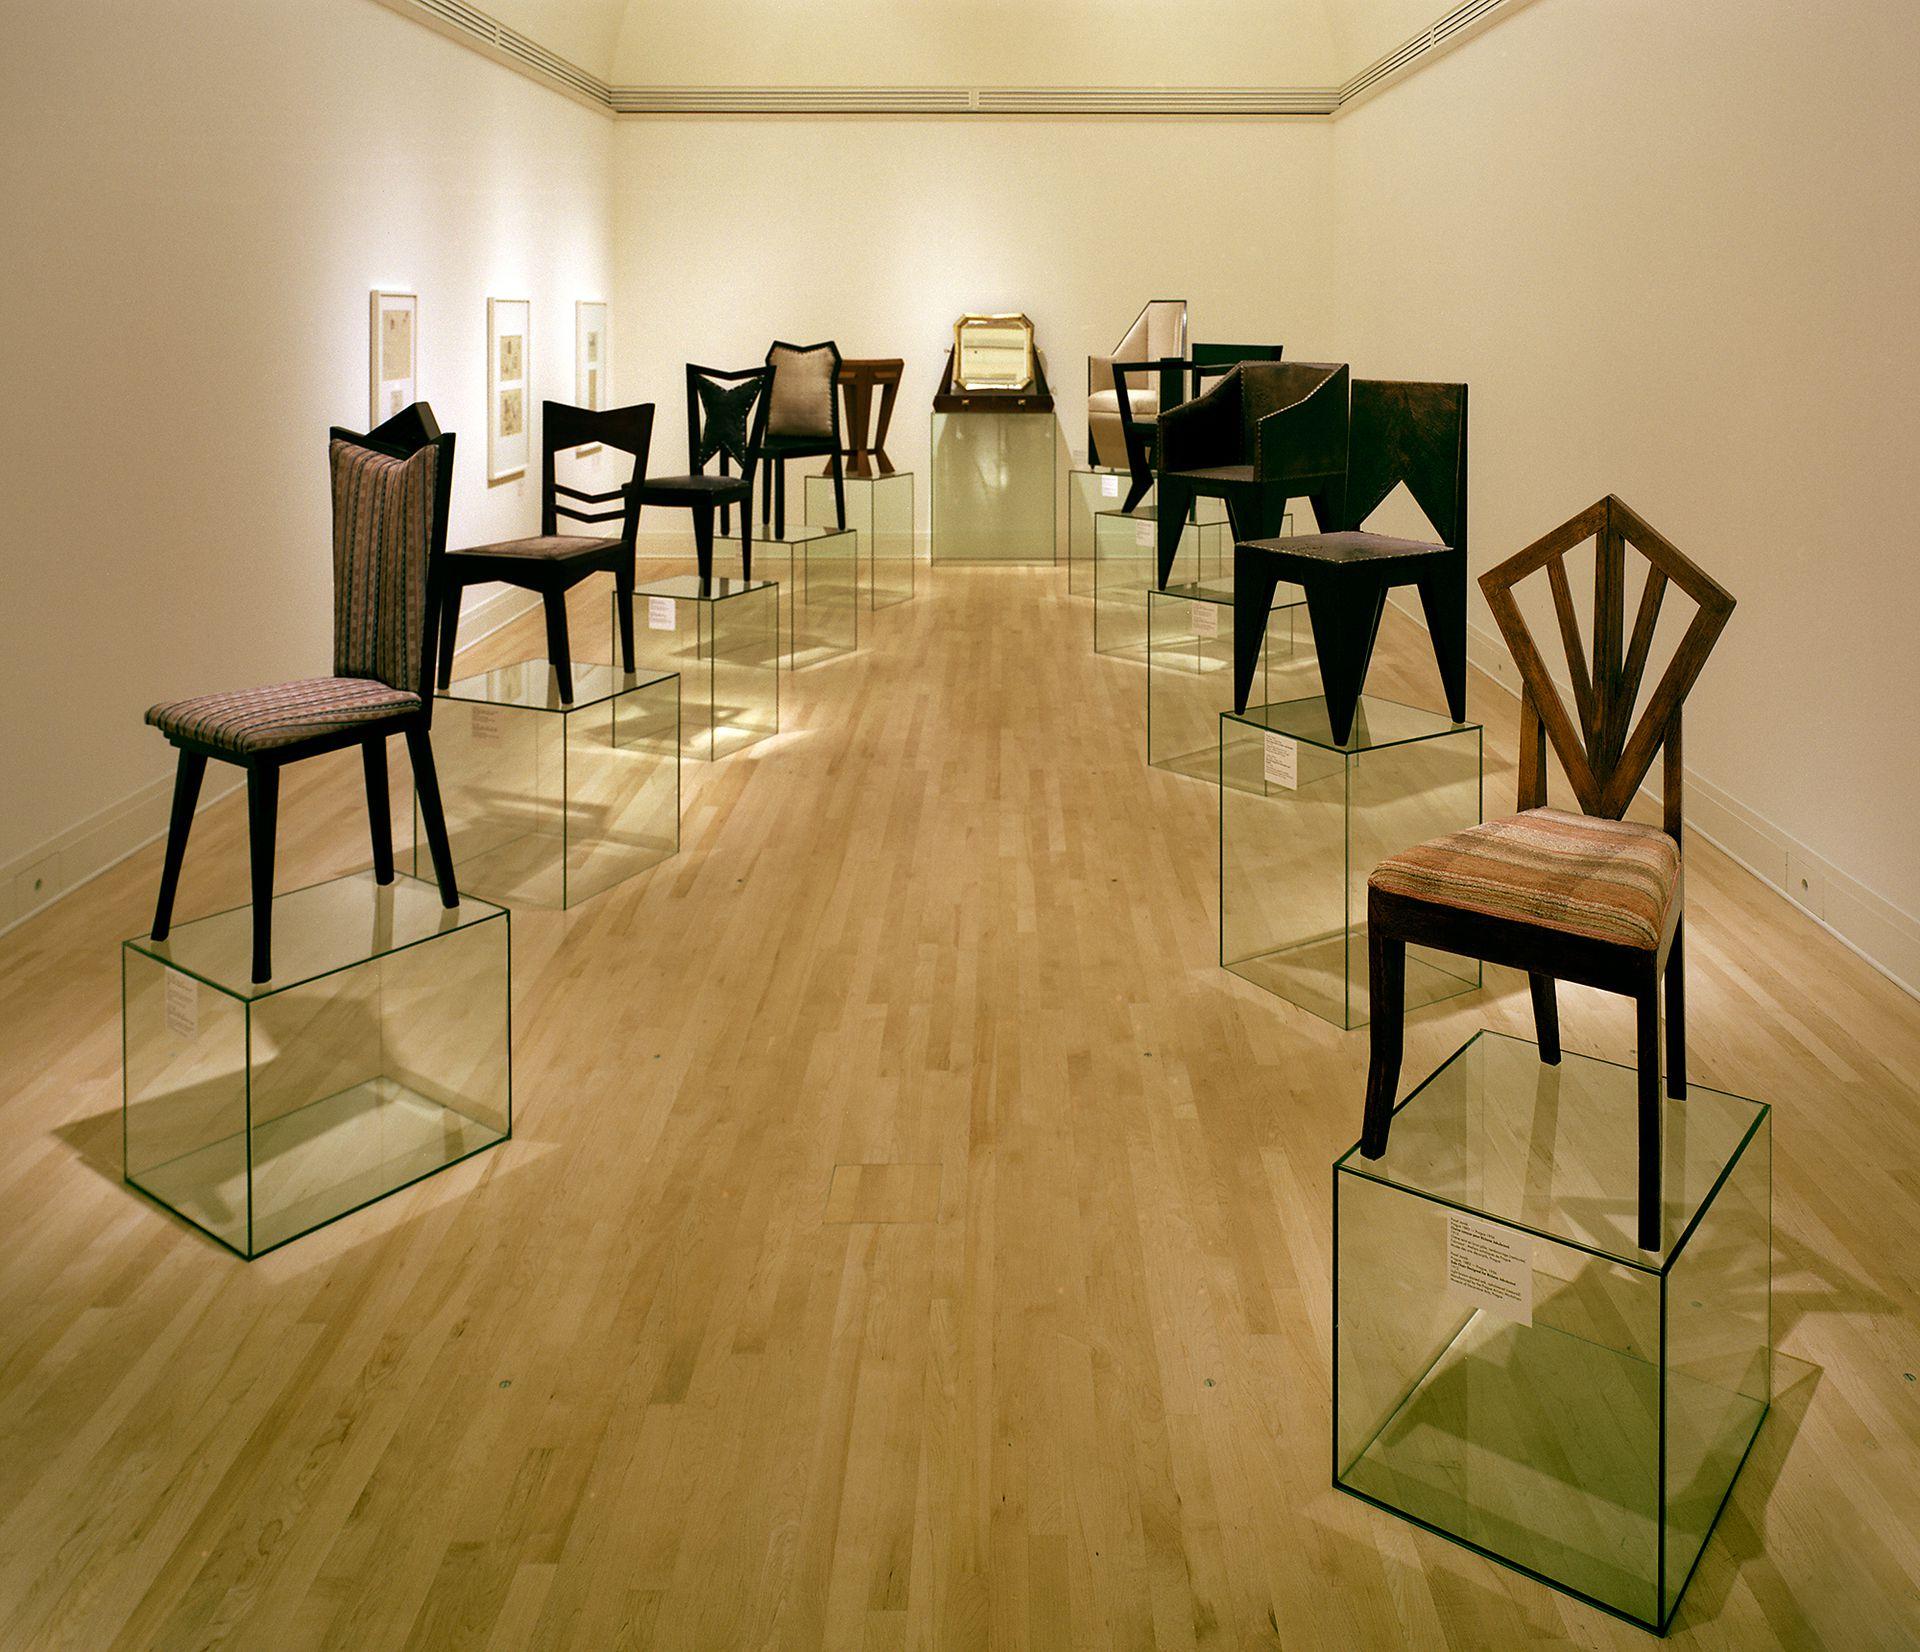 cubism furniture. Czech Cubism: Architecture And Design, 1910-1925 Cubism Furniture